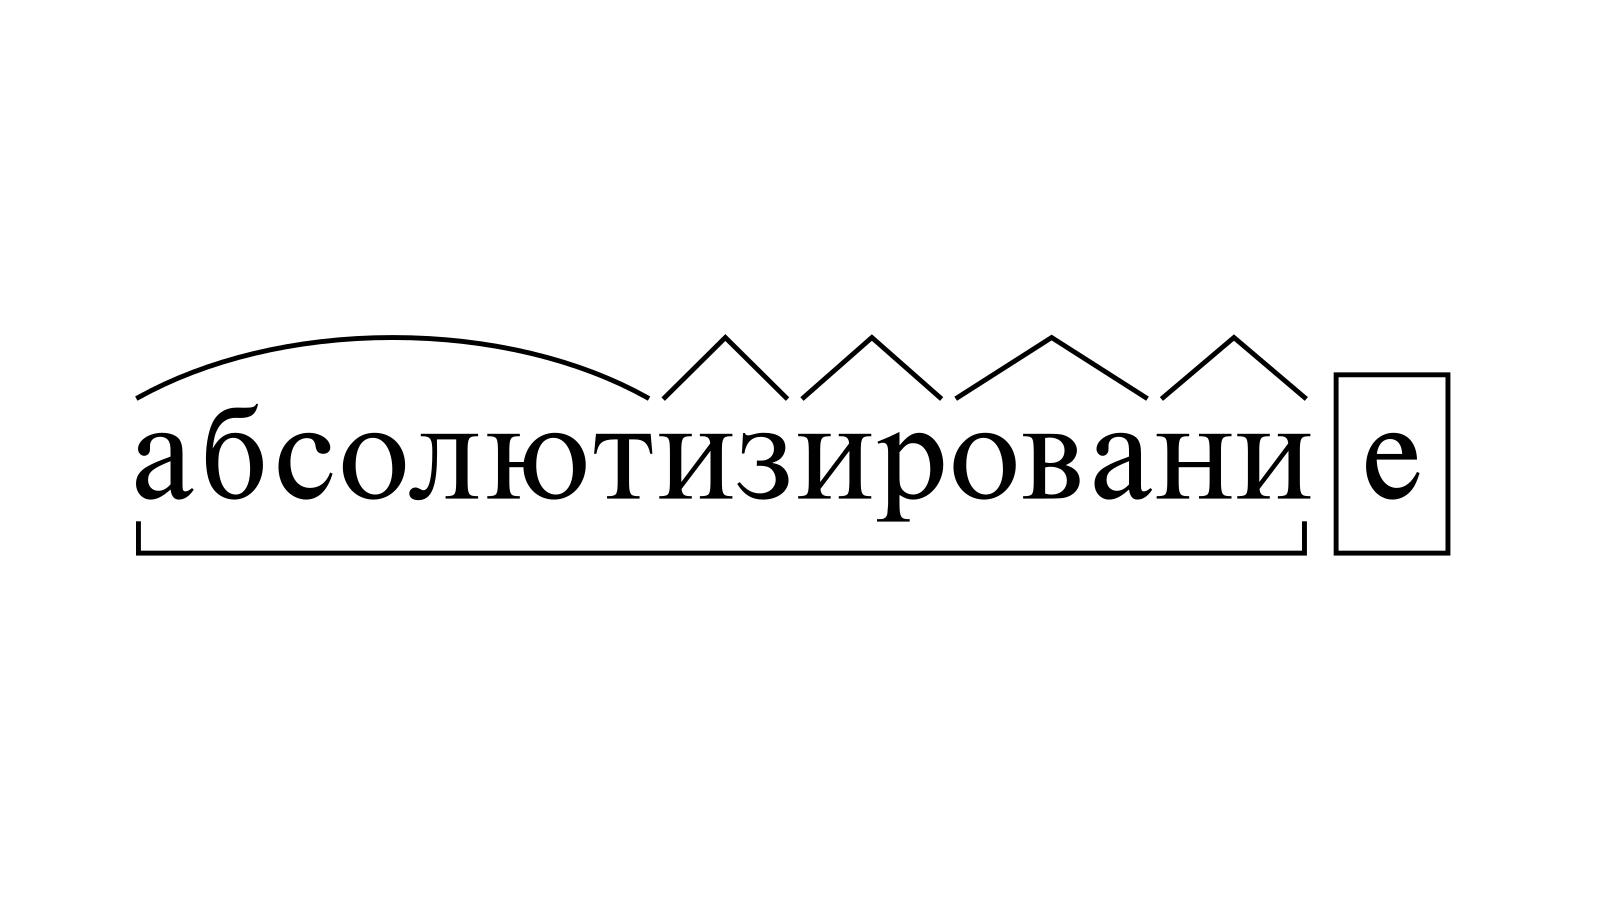 Разбор слова «абсолютизирование» по составу